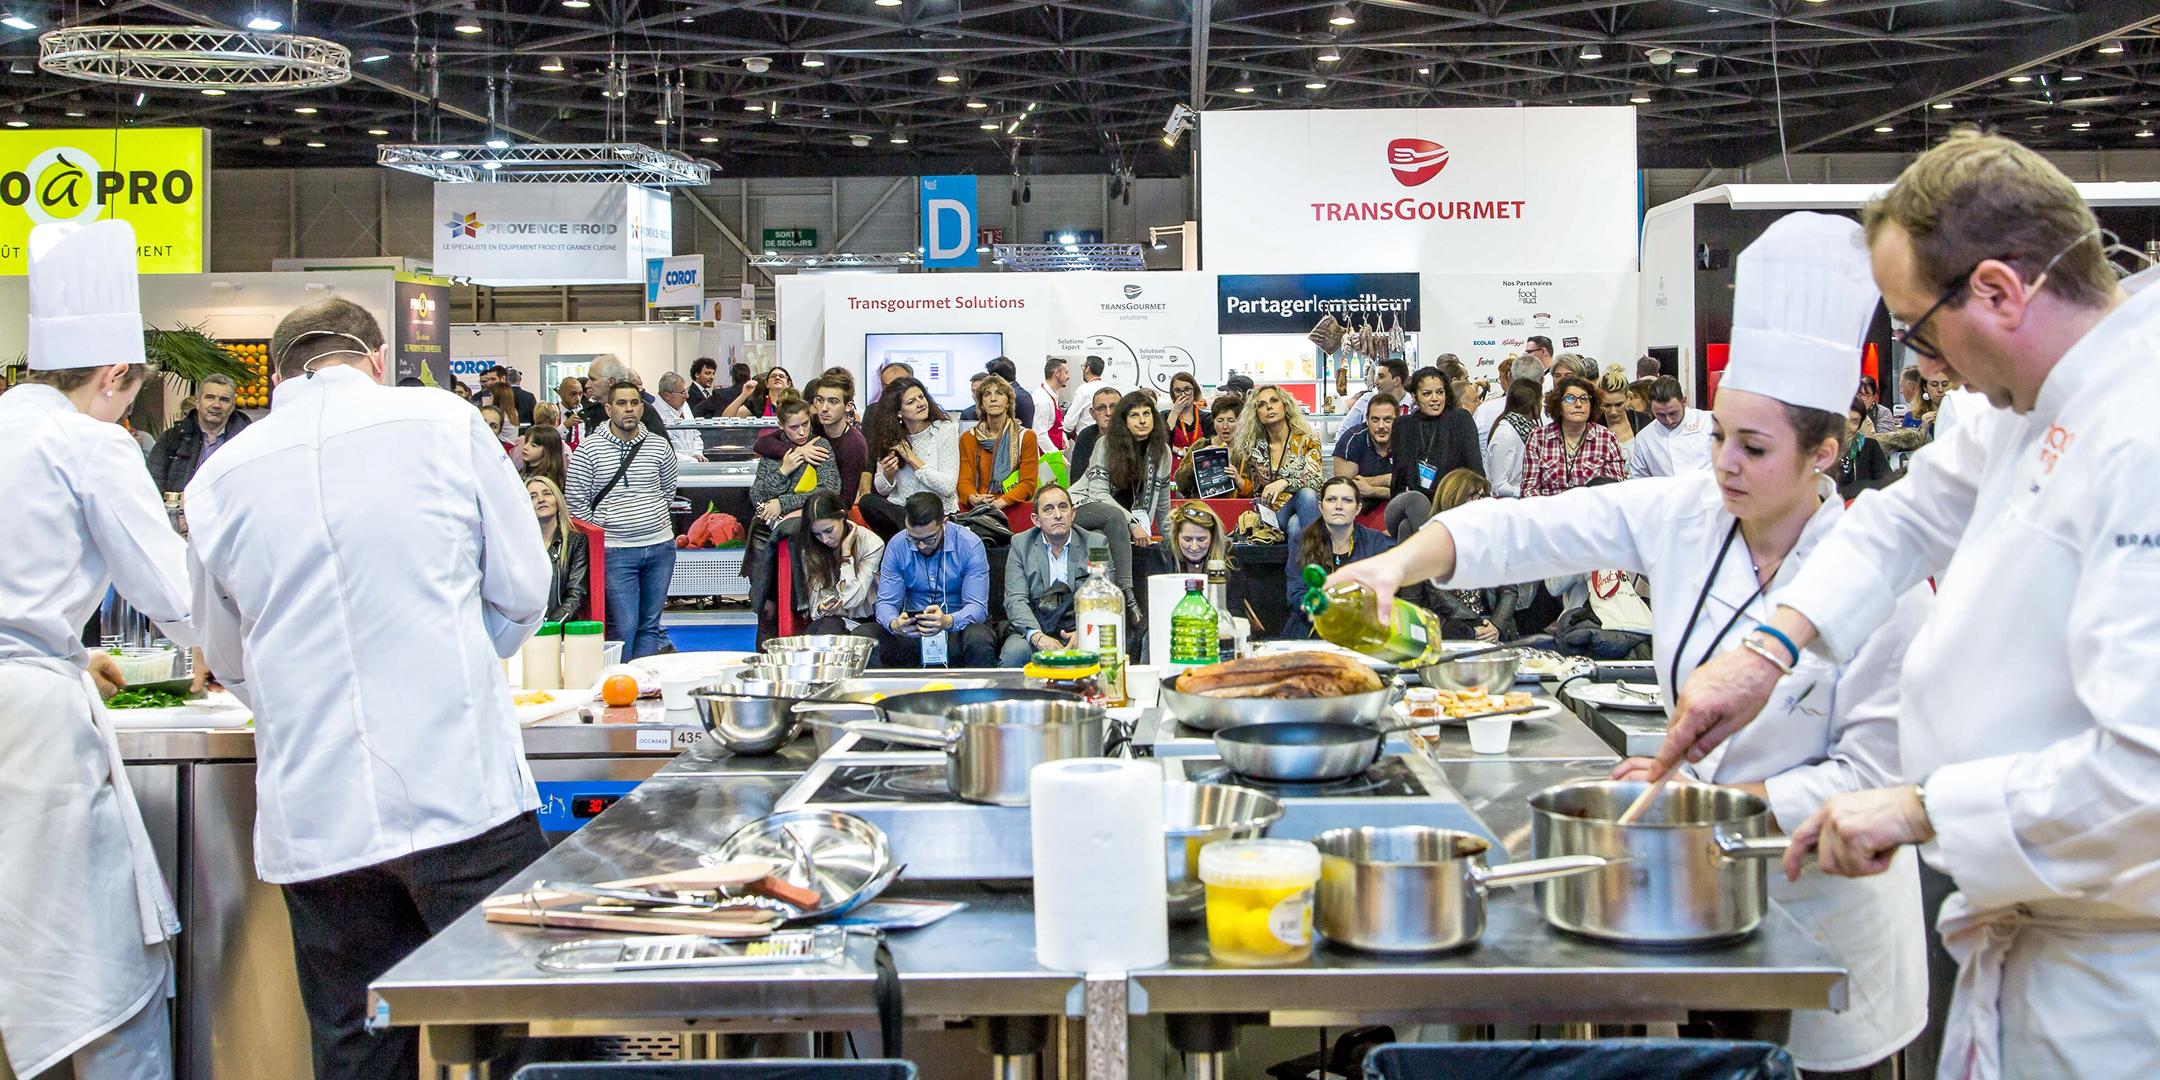 Chefs cuisinier démontrant leur savoir faire en cuisine au salon Food In Sud